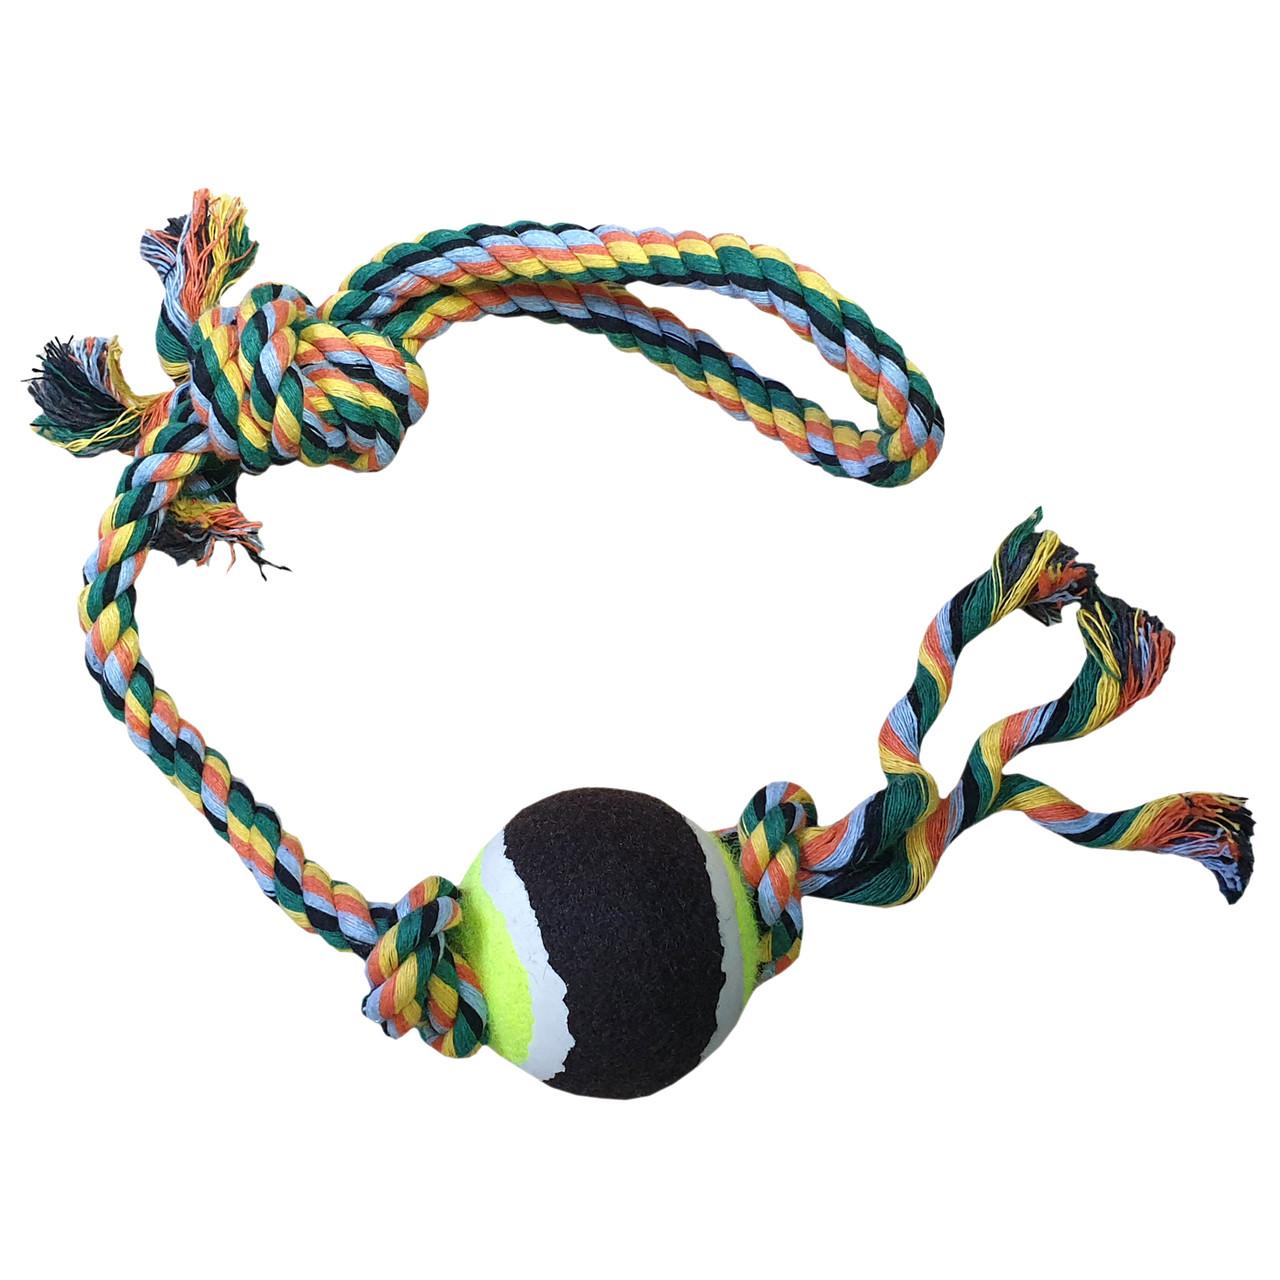 Игрушка тренировочная для собак Канат с мячом